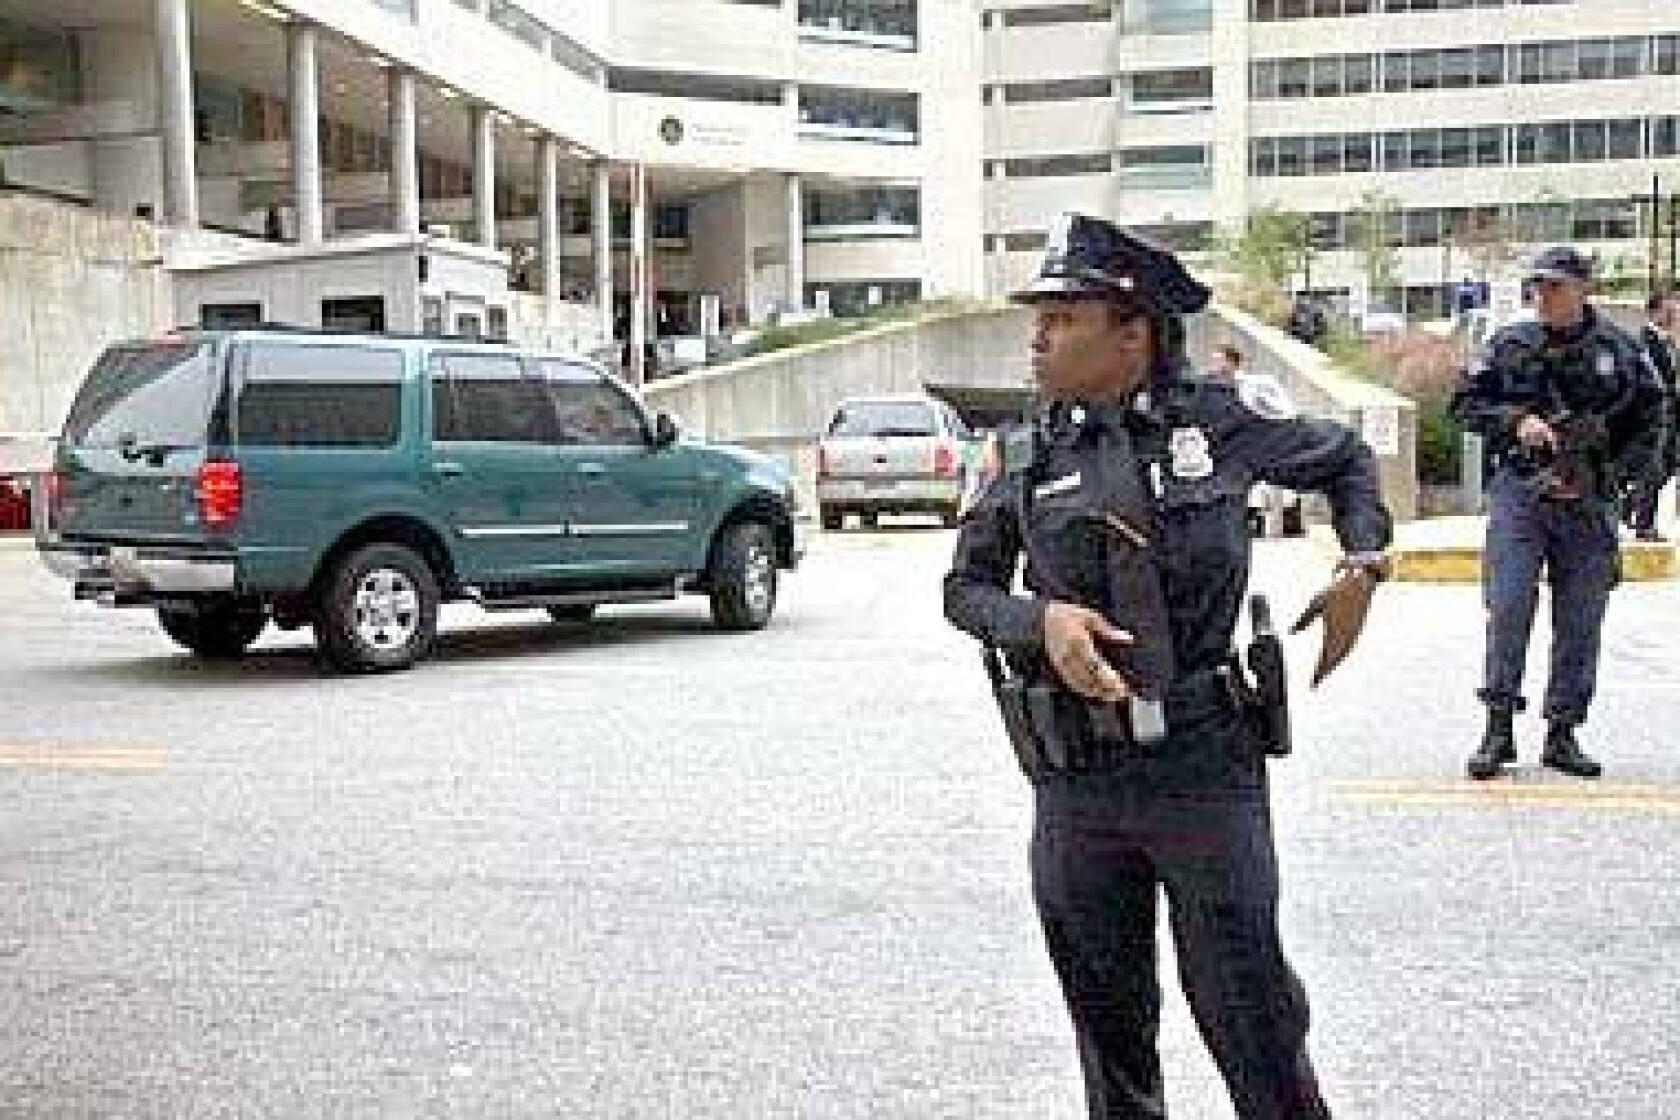 Tipsters sit back, observe arrests after calling police